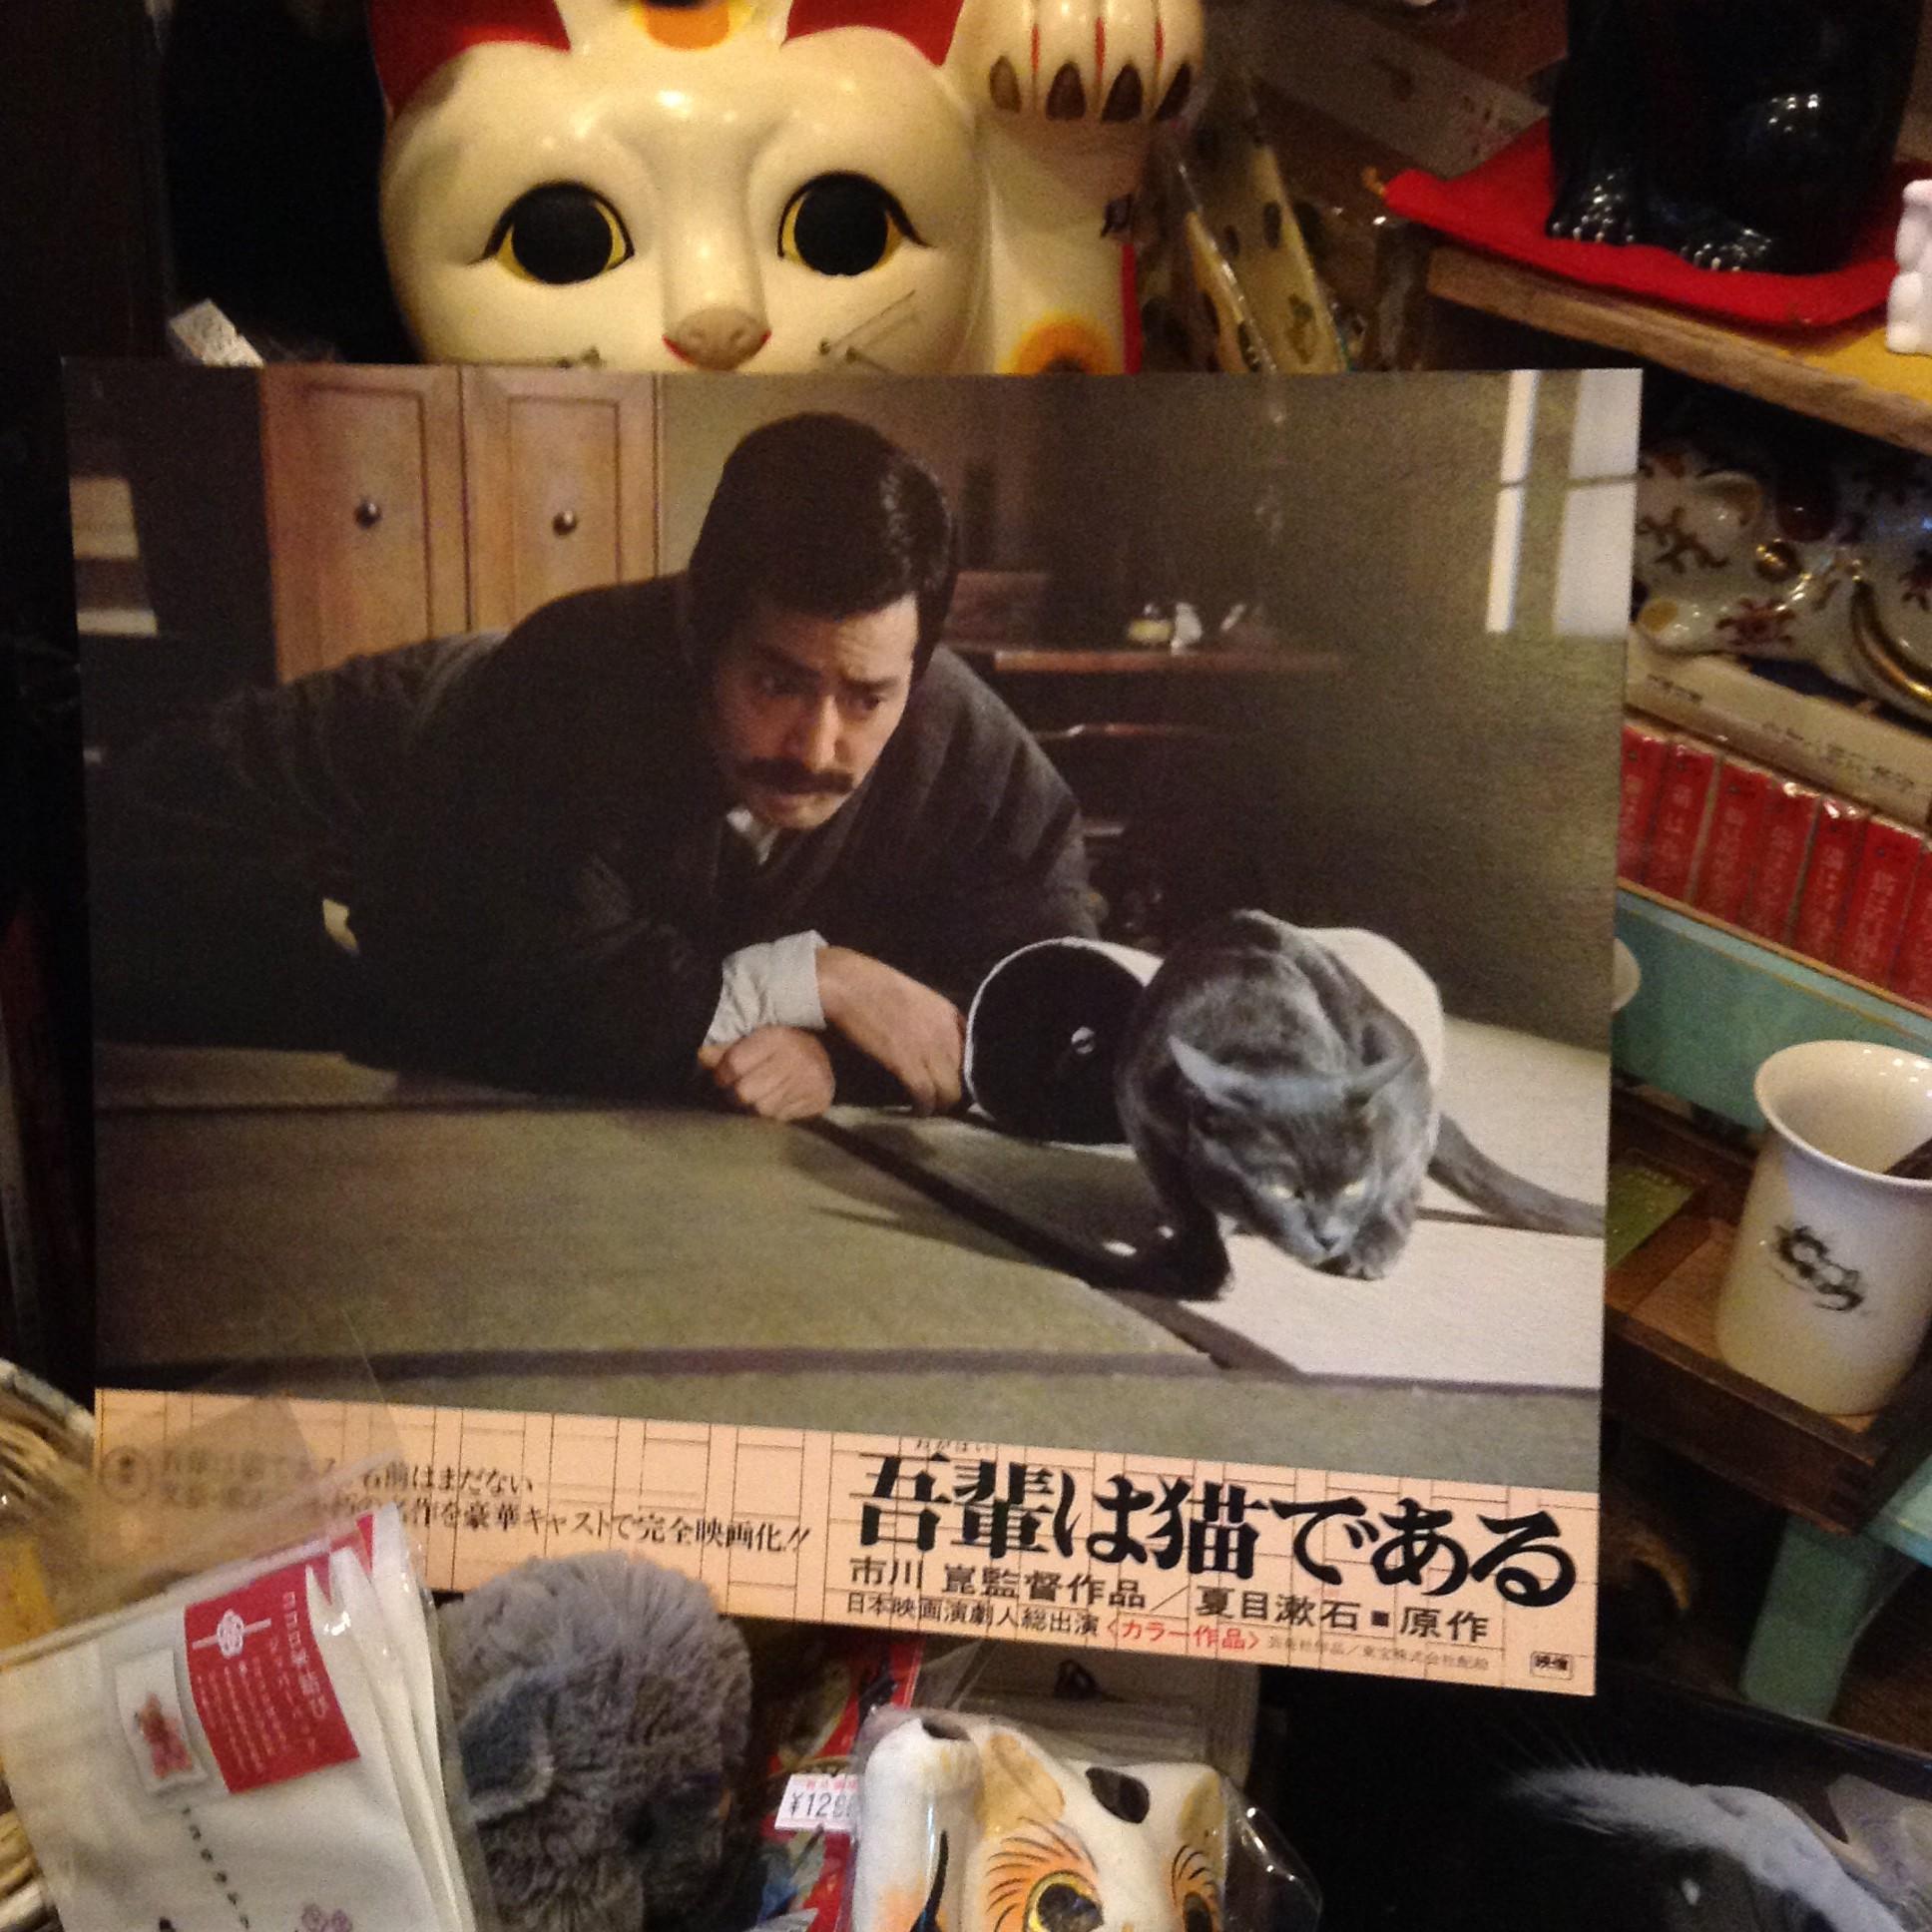 吾輩と、猫である⑤ - 賽助之間 - d.hatena.ne.jp